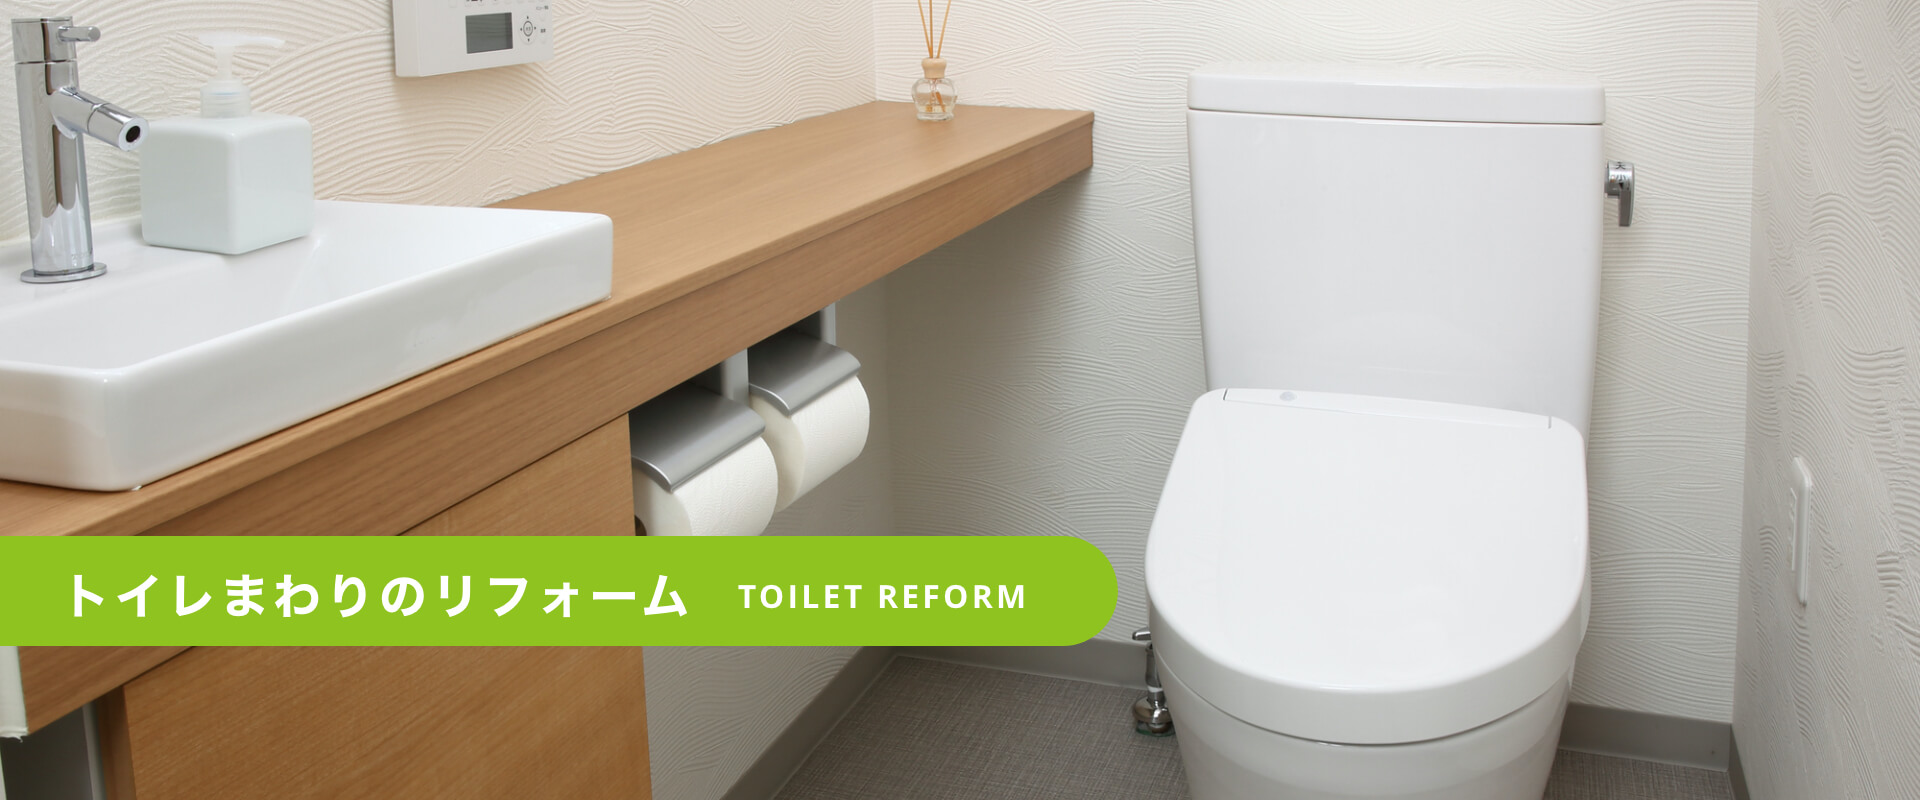 トイレまわりのリフォーム